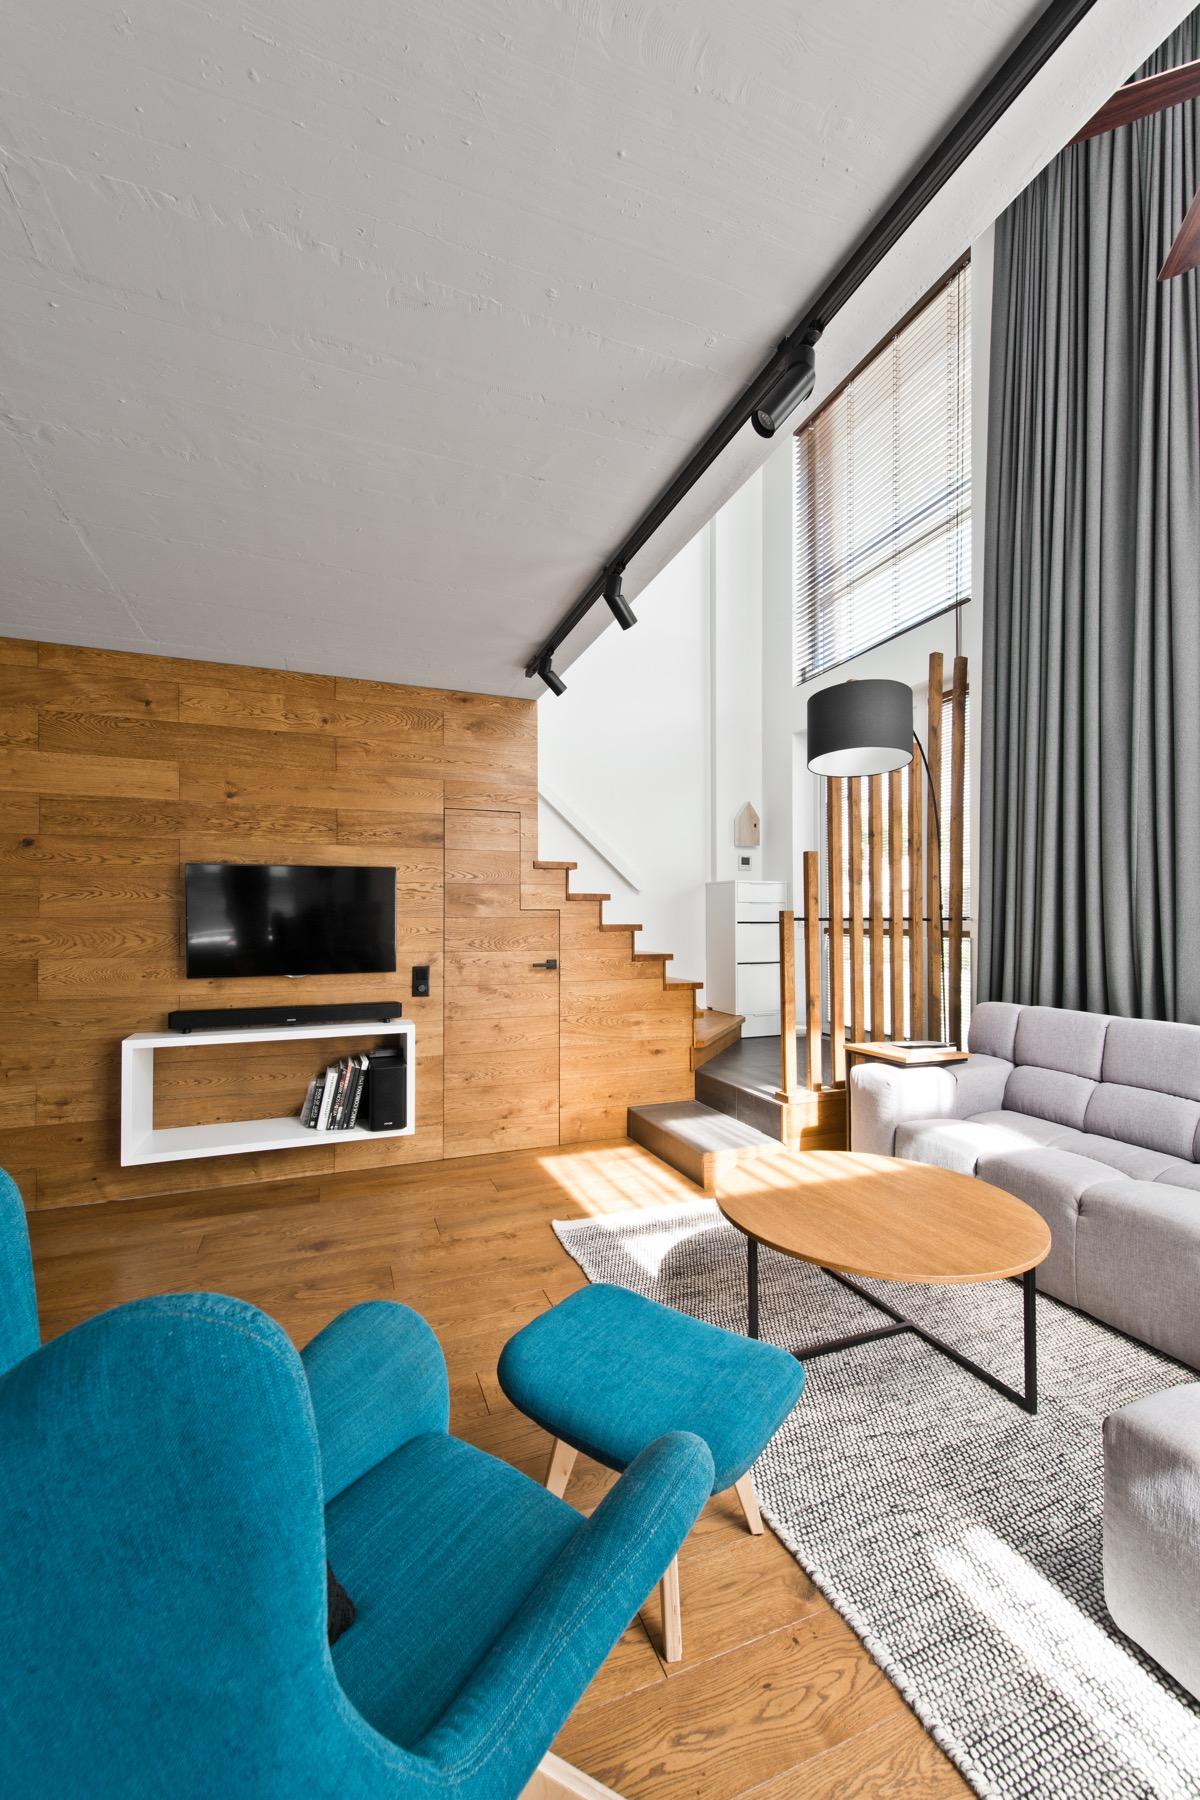 Scandinavian loft apartment design